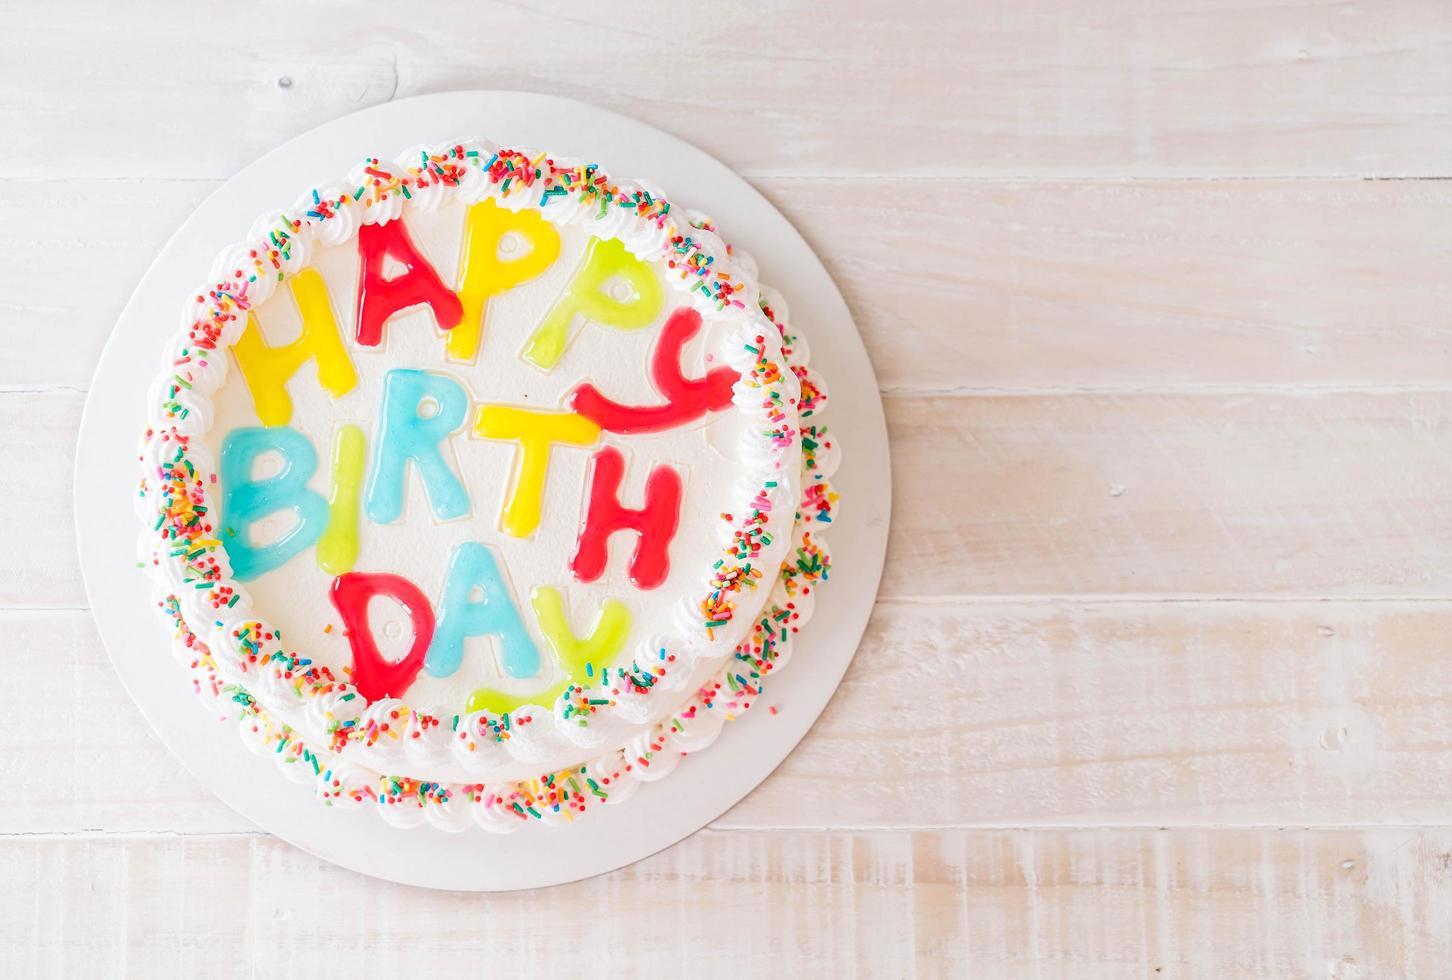 vista dall'alto di una torta di compleanno foto